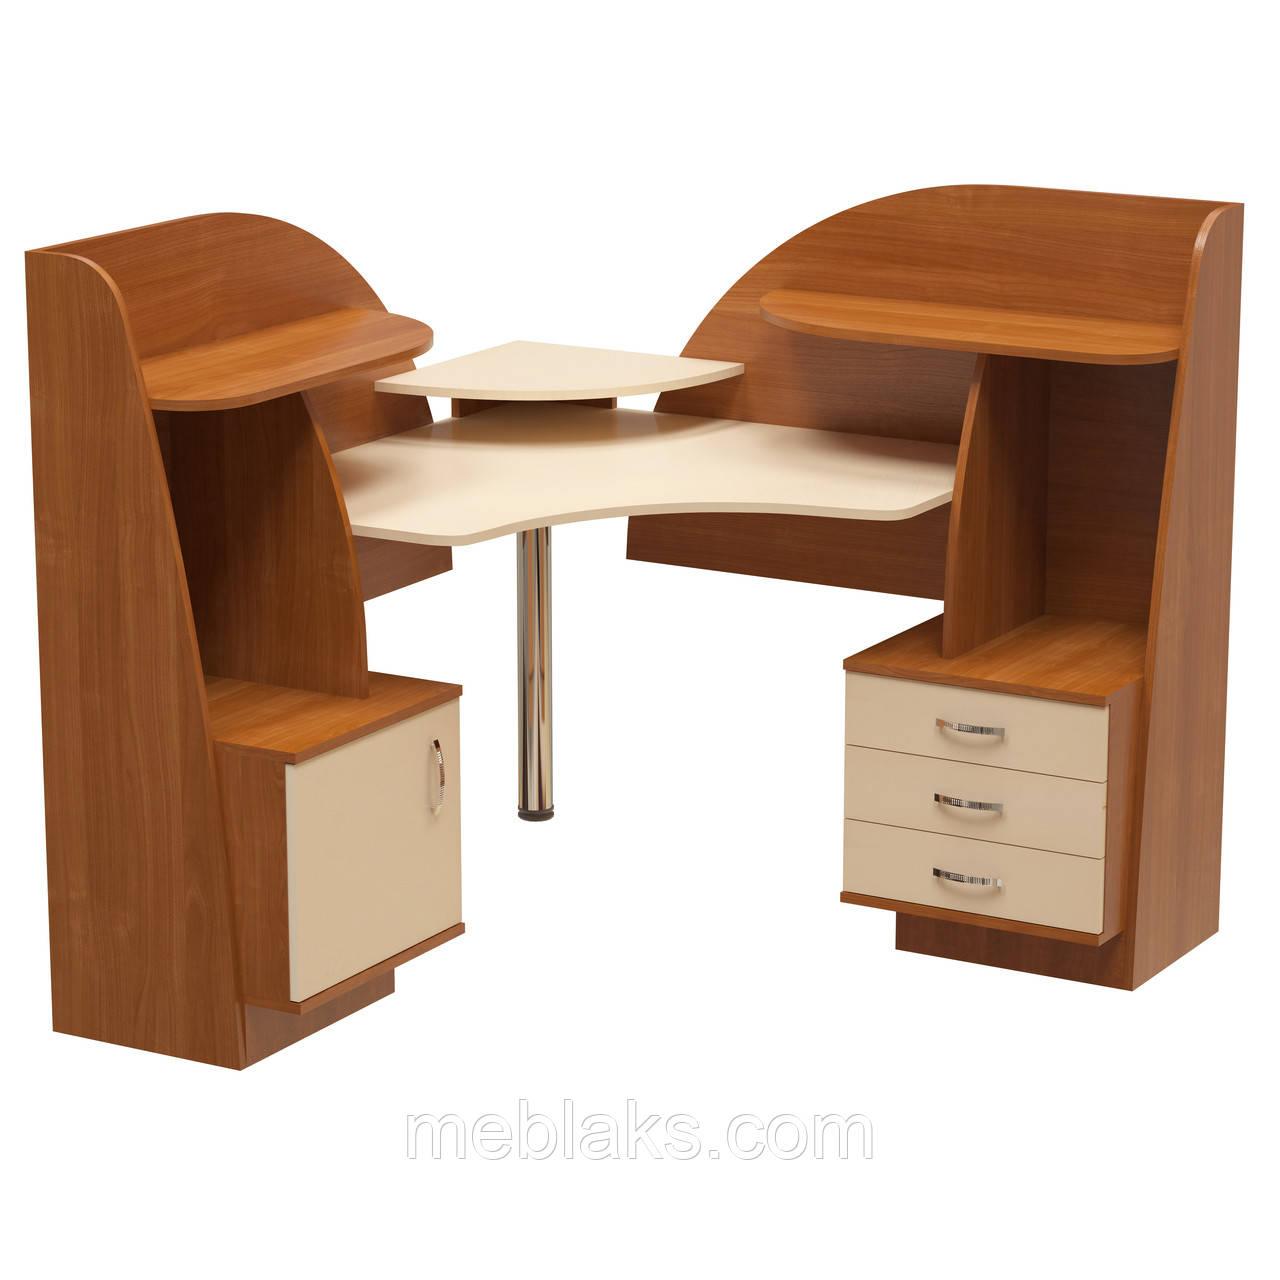 Компьютерный стол Дельта